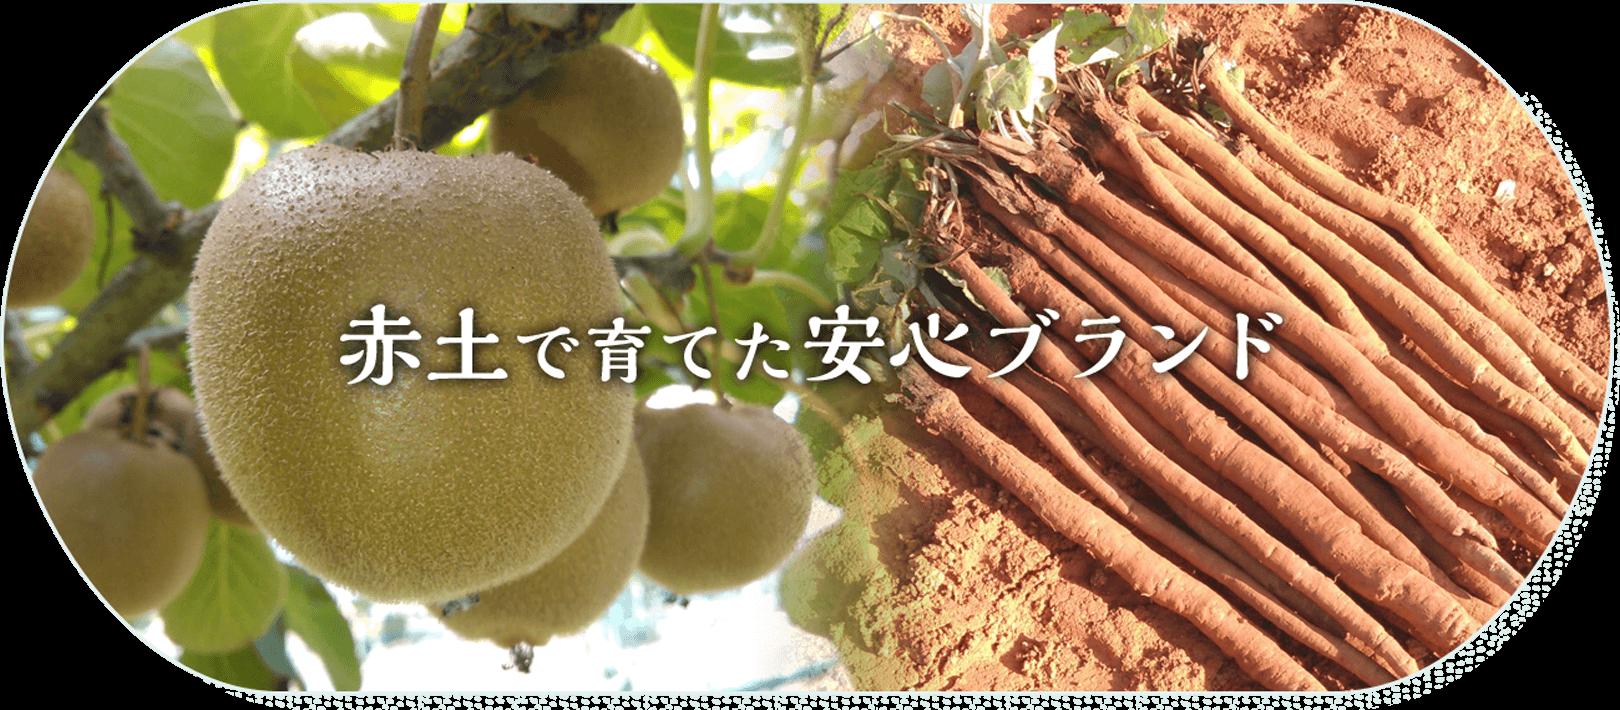 農薬を使わない「伝統農法」